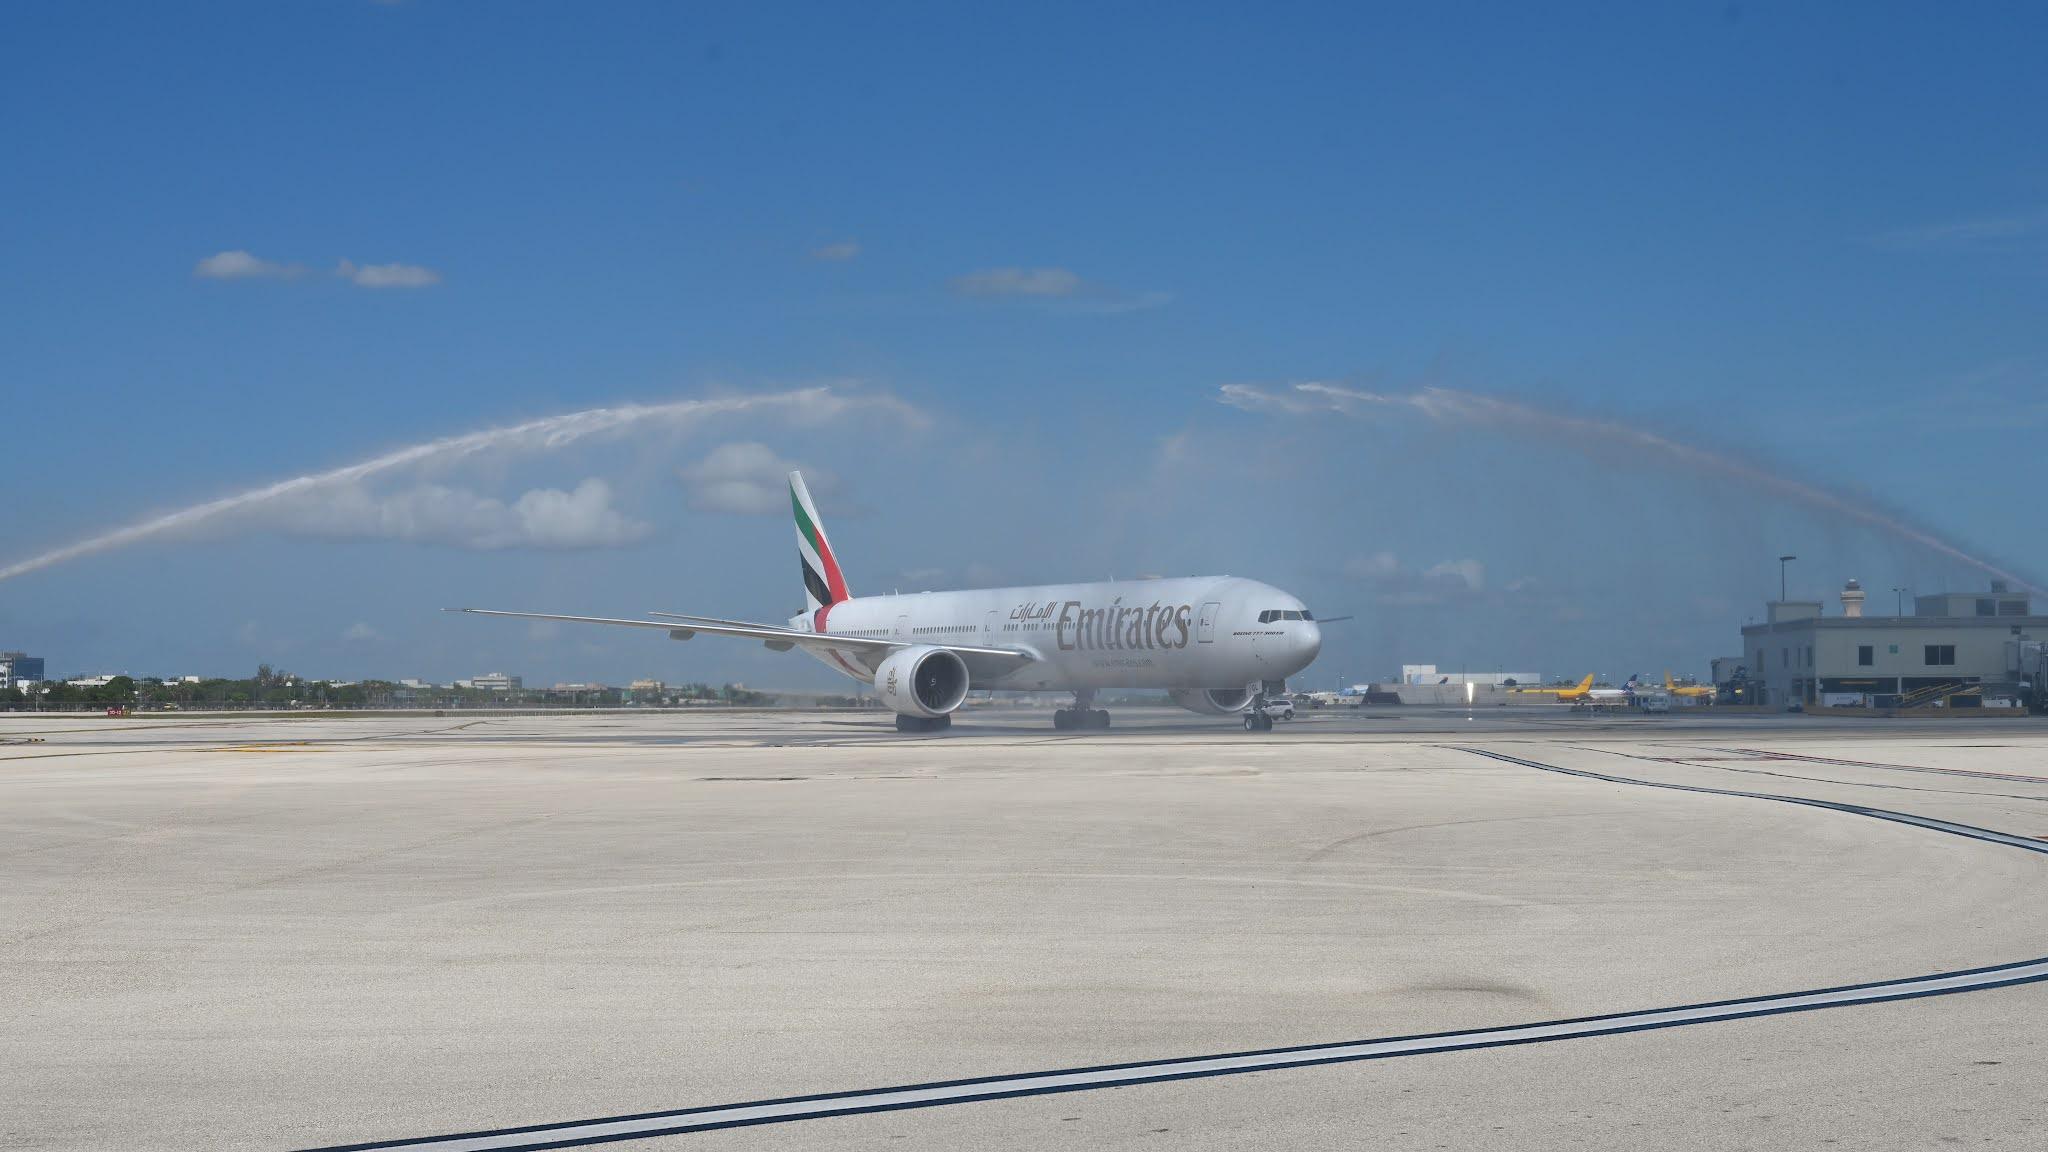 طيران الإمارات Emirates تطلق رحلات سياحية إلى ميامي